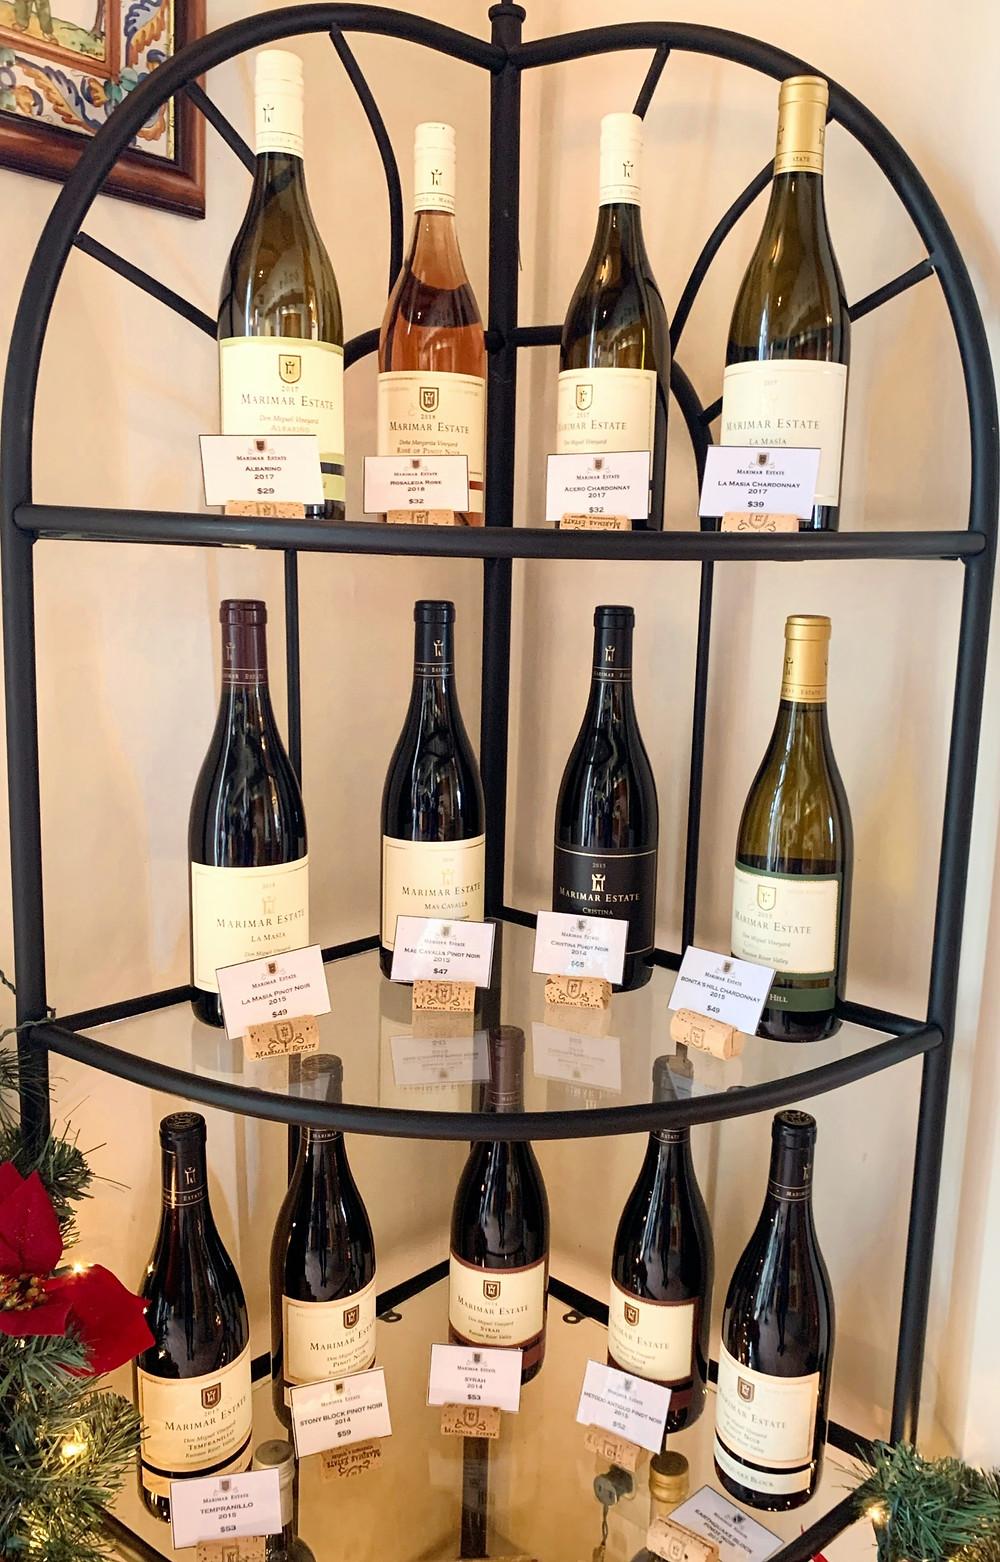 Marimar Estate wines at the Marimar Winery in Sebastopol.  Photo by Blonde Tasting